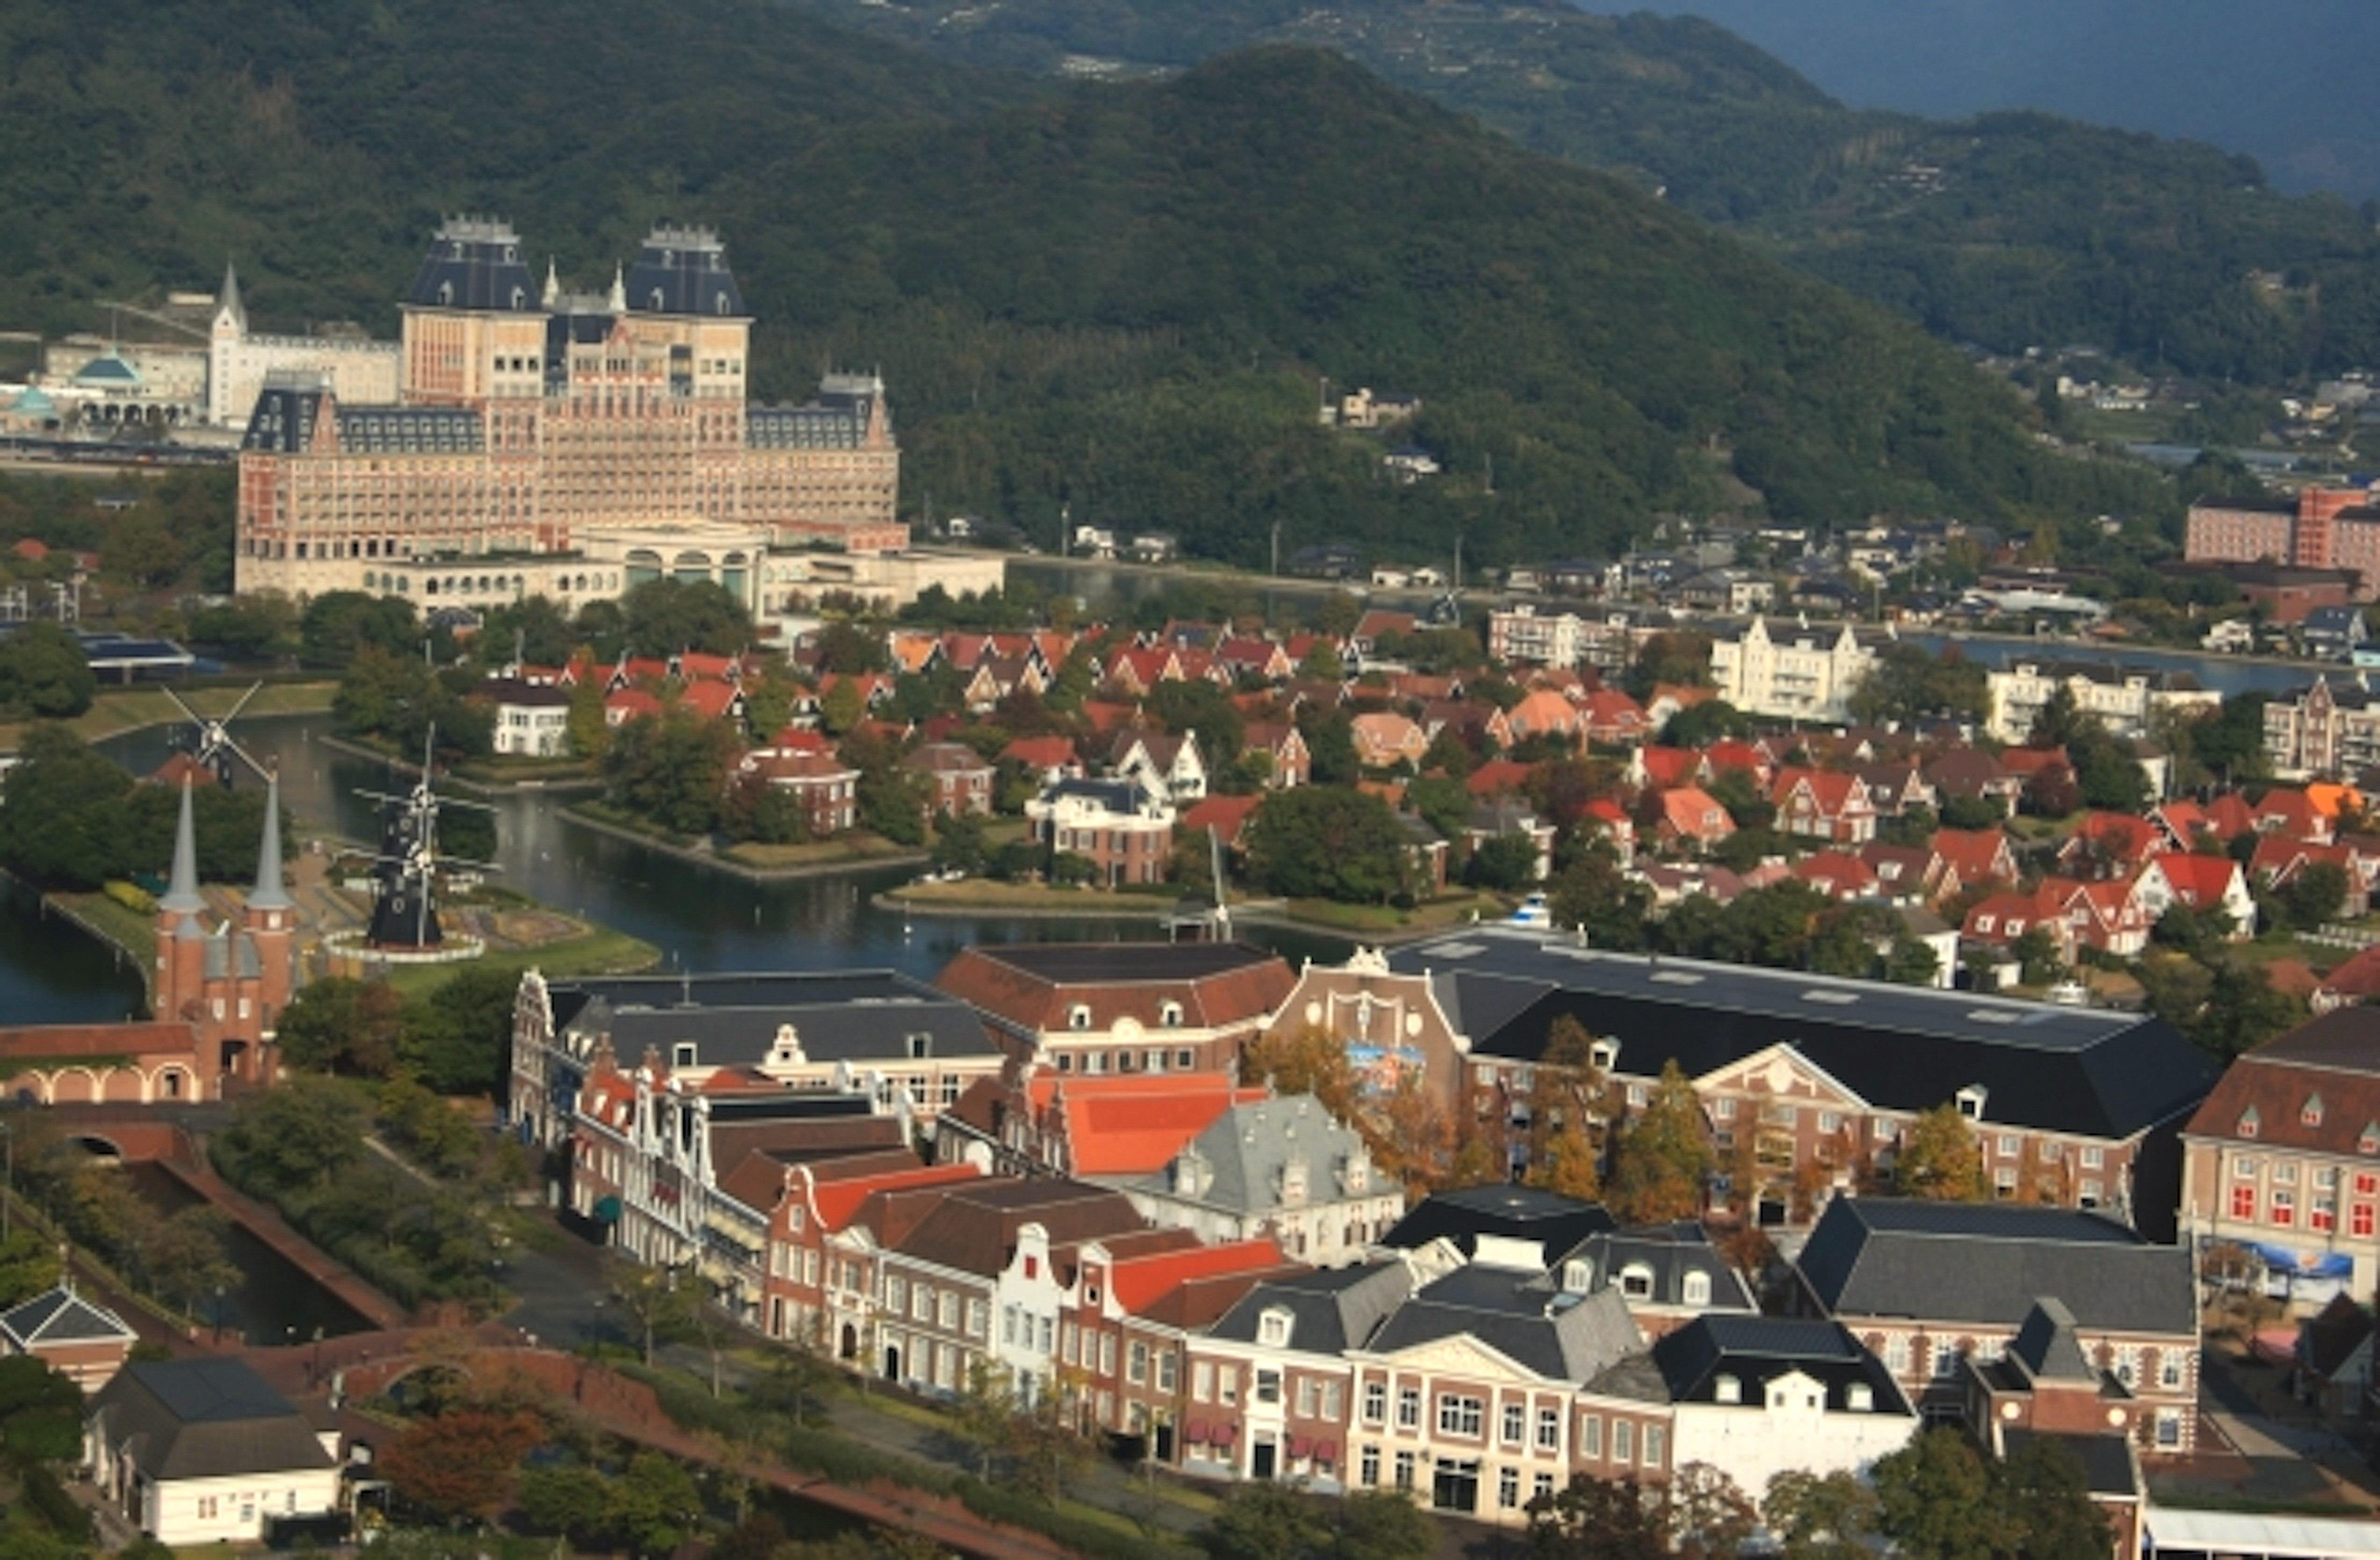 Huis Ten Bosch in Japan